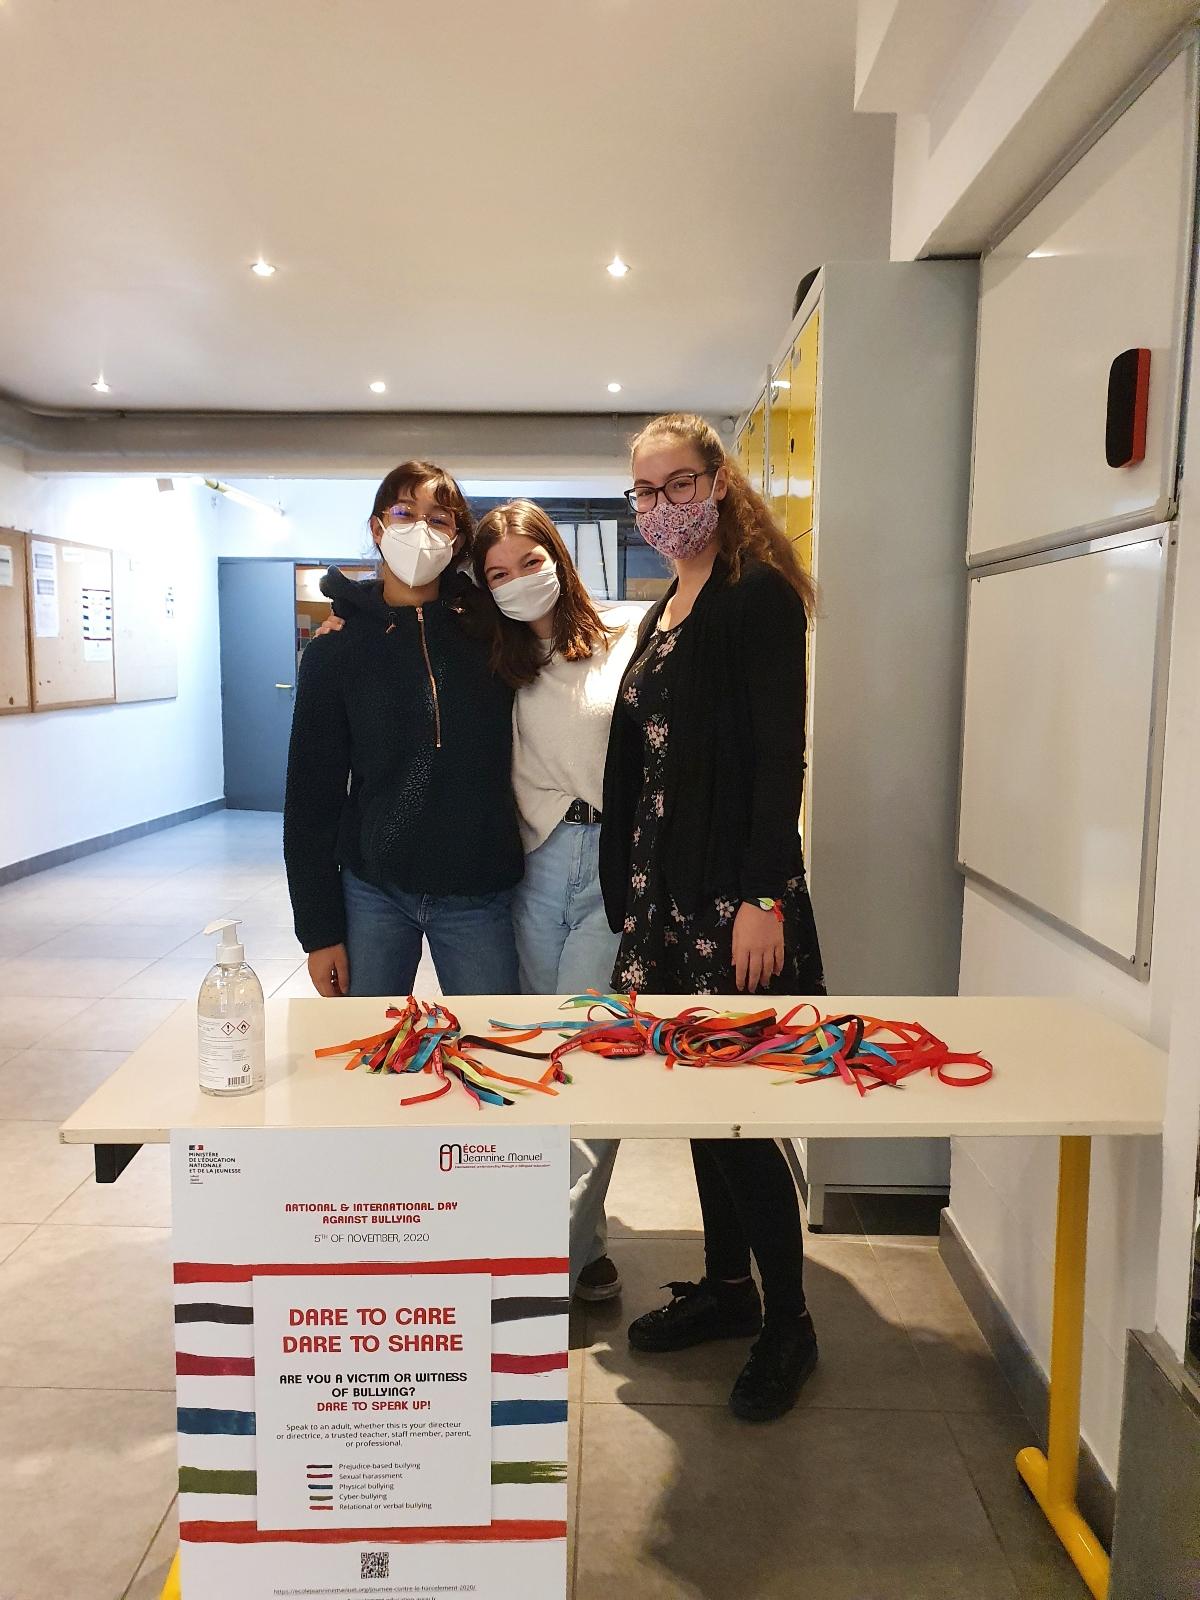 Photo d'élèves distribuant des rubans lors de la journée contre le harcèlement